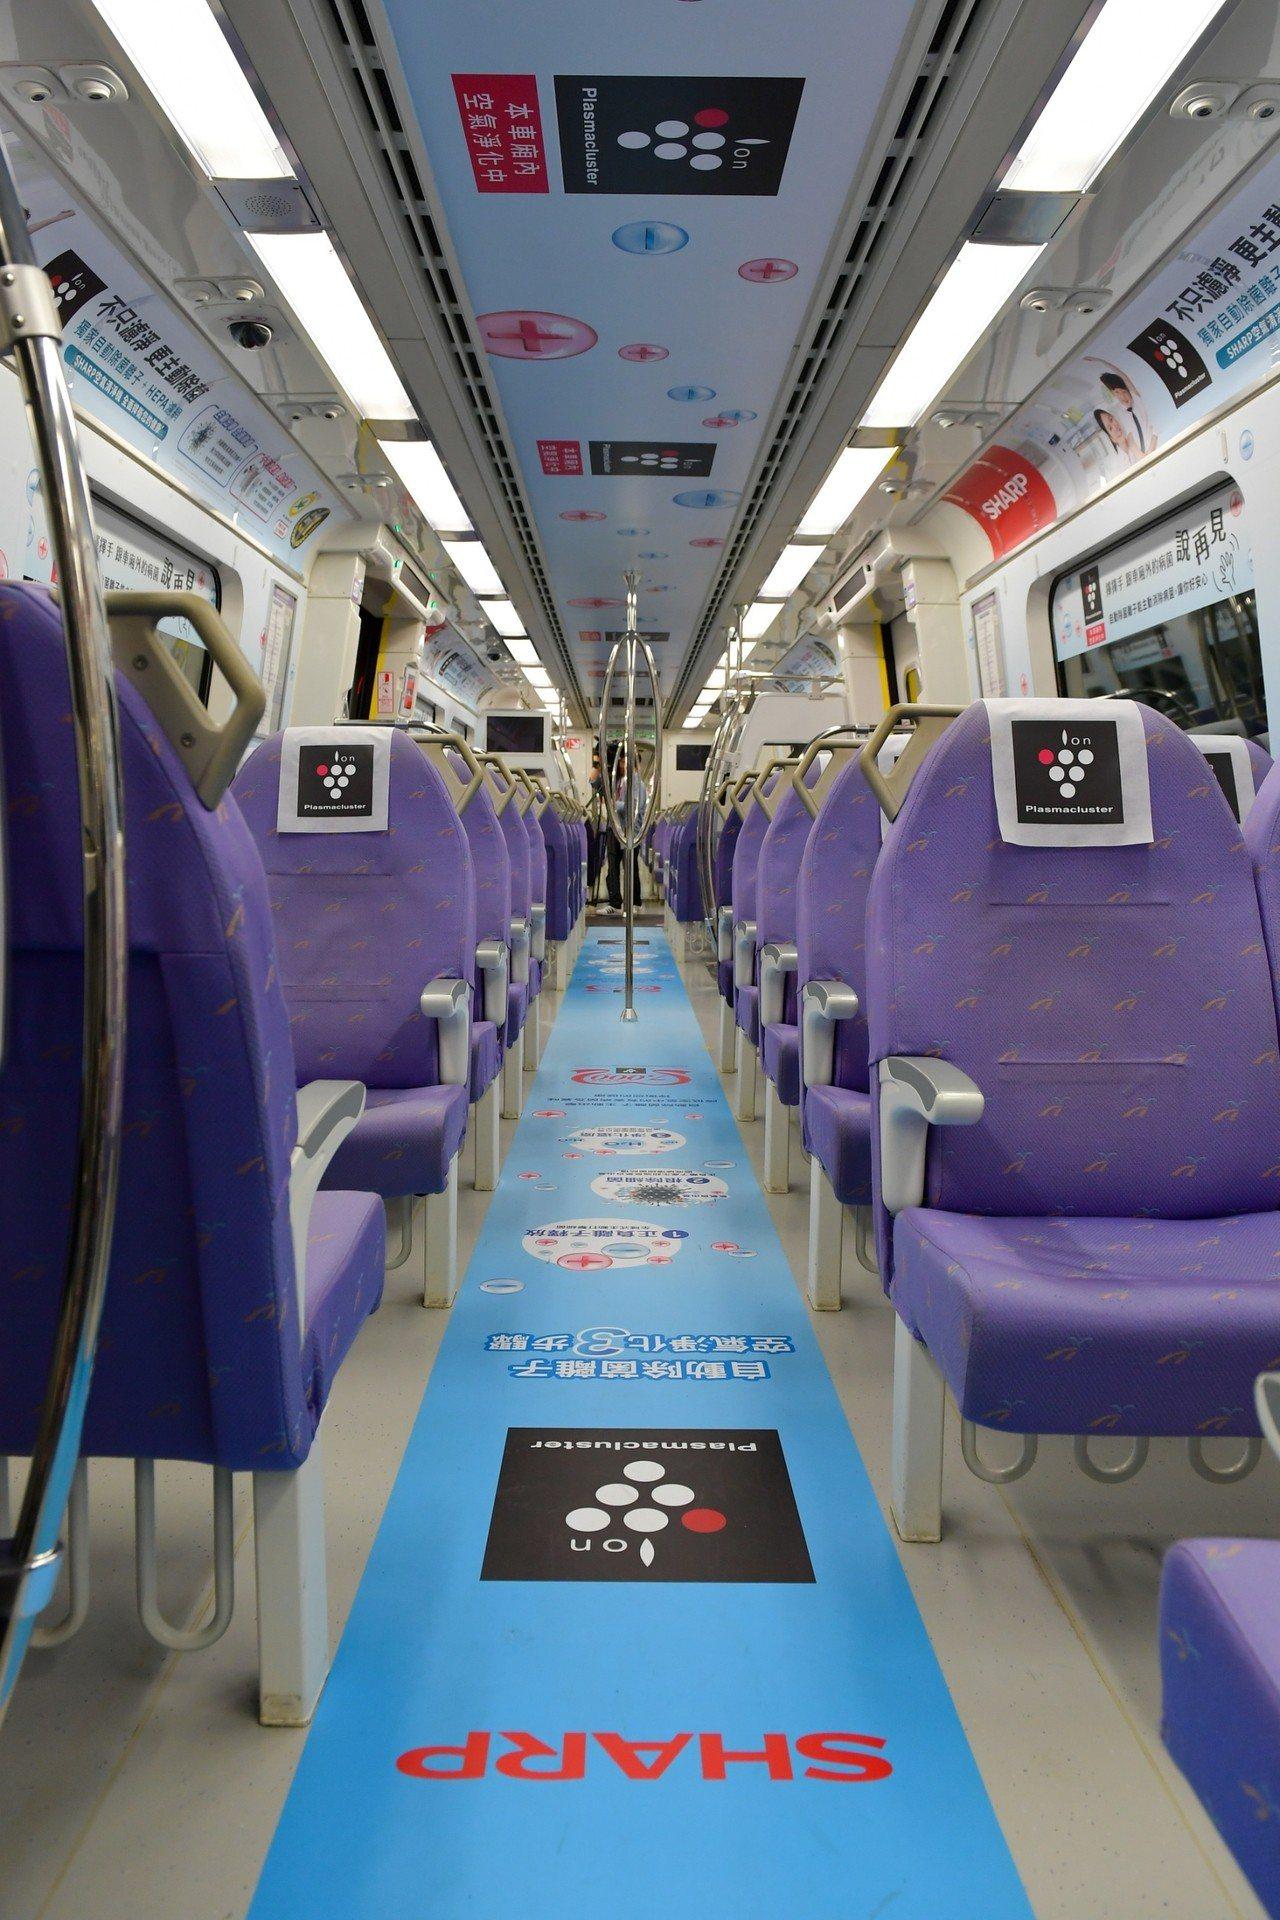 台灣夏普於每天發出共約20個班次直達列車第二節車廂的空調出風口安裝自動除菌離子模...